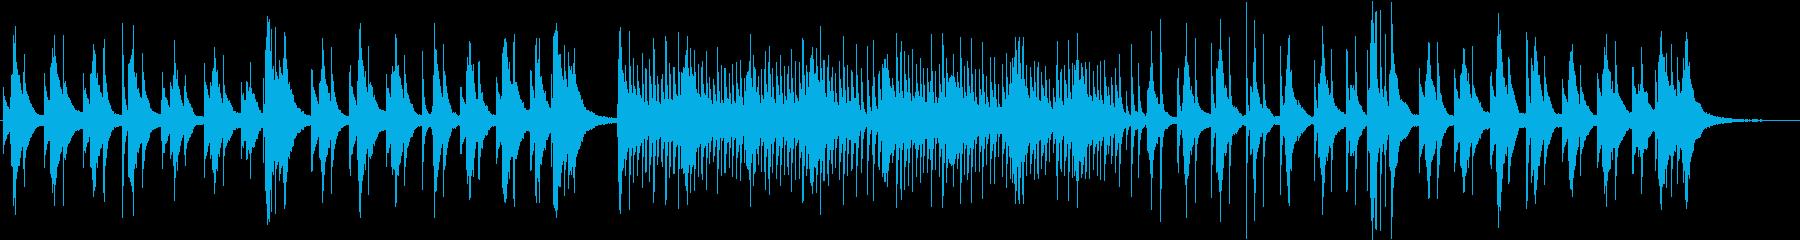 秋をイメージした感傷的な琴の再生済みの波形